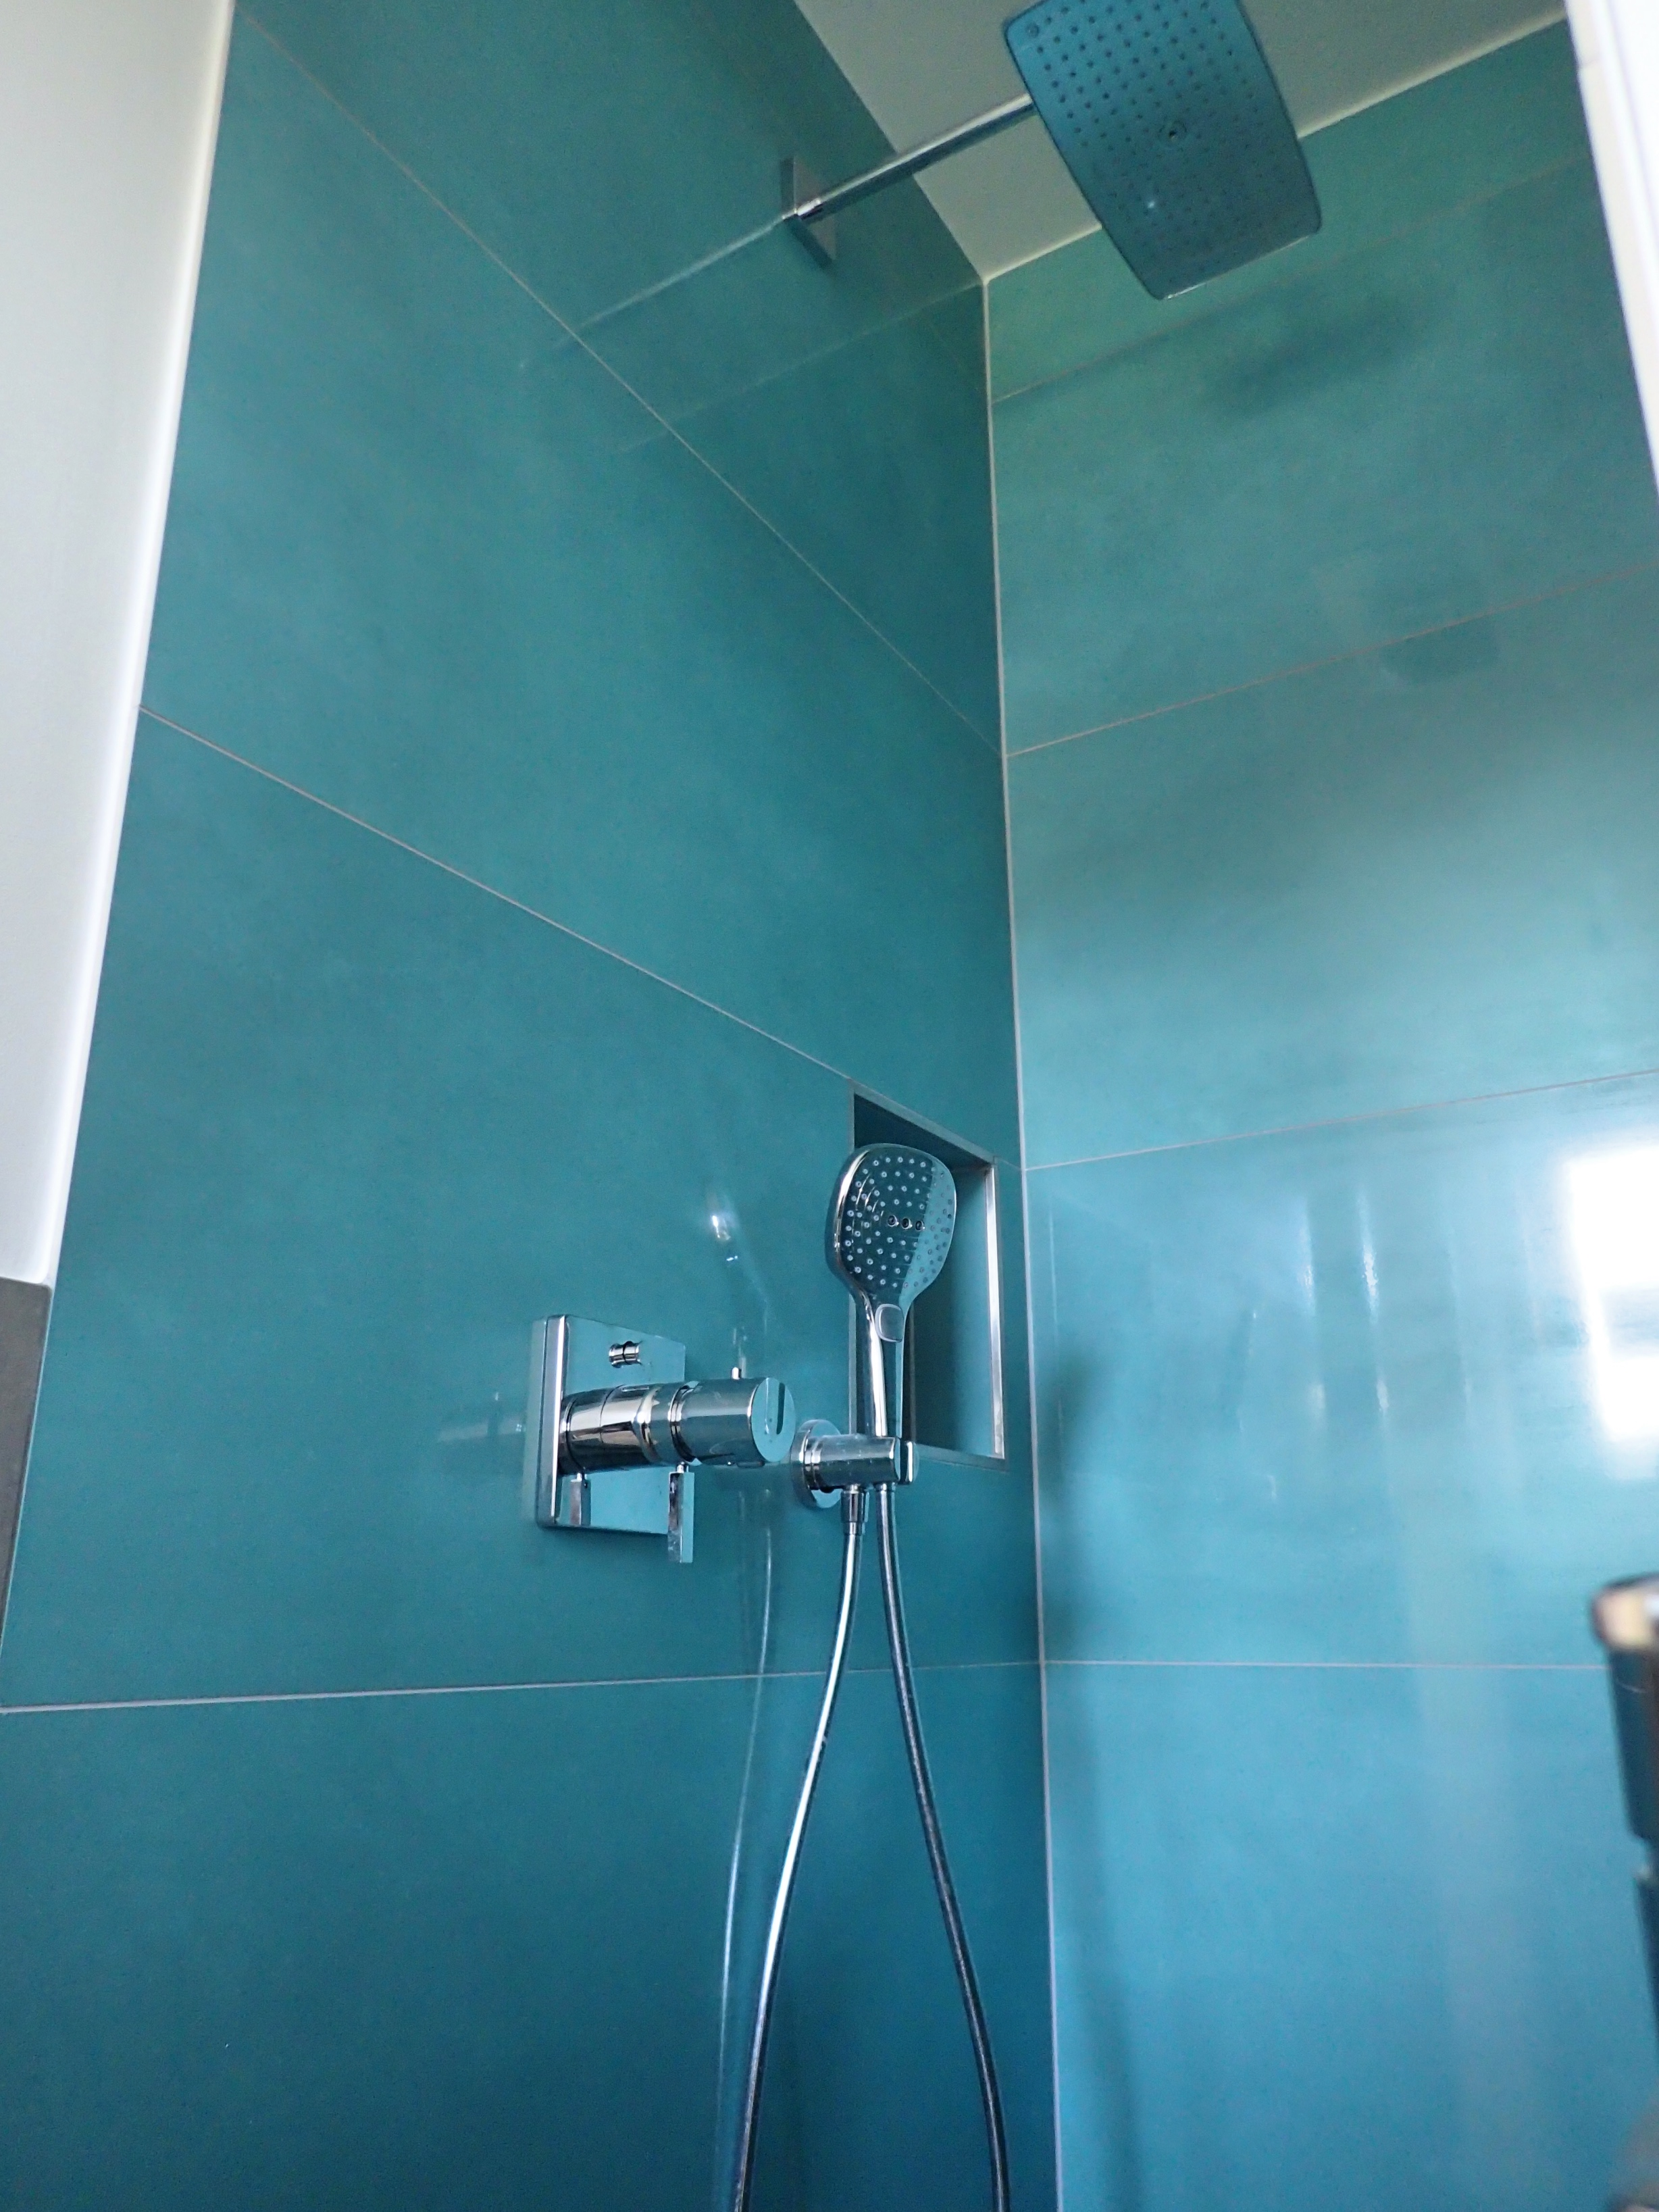 Duschbereich – Große Fliesen lassen sich leichter pflegen! Die Reinigung kleiner Fliesen erfordert mehr Zeit und Aufwand, weil die Fugen zahlreicher sind.